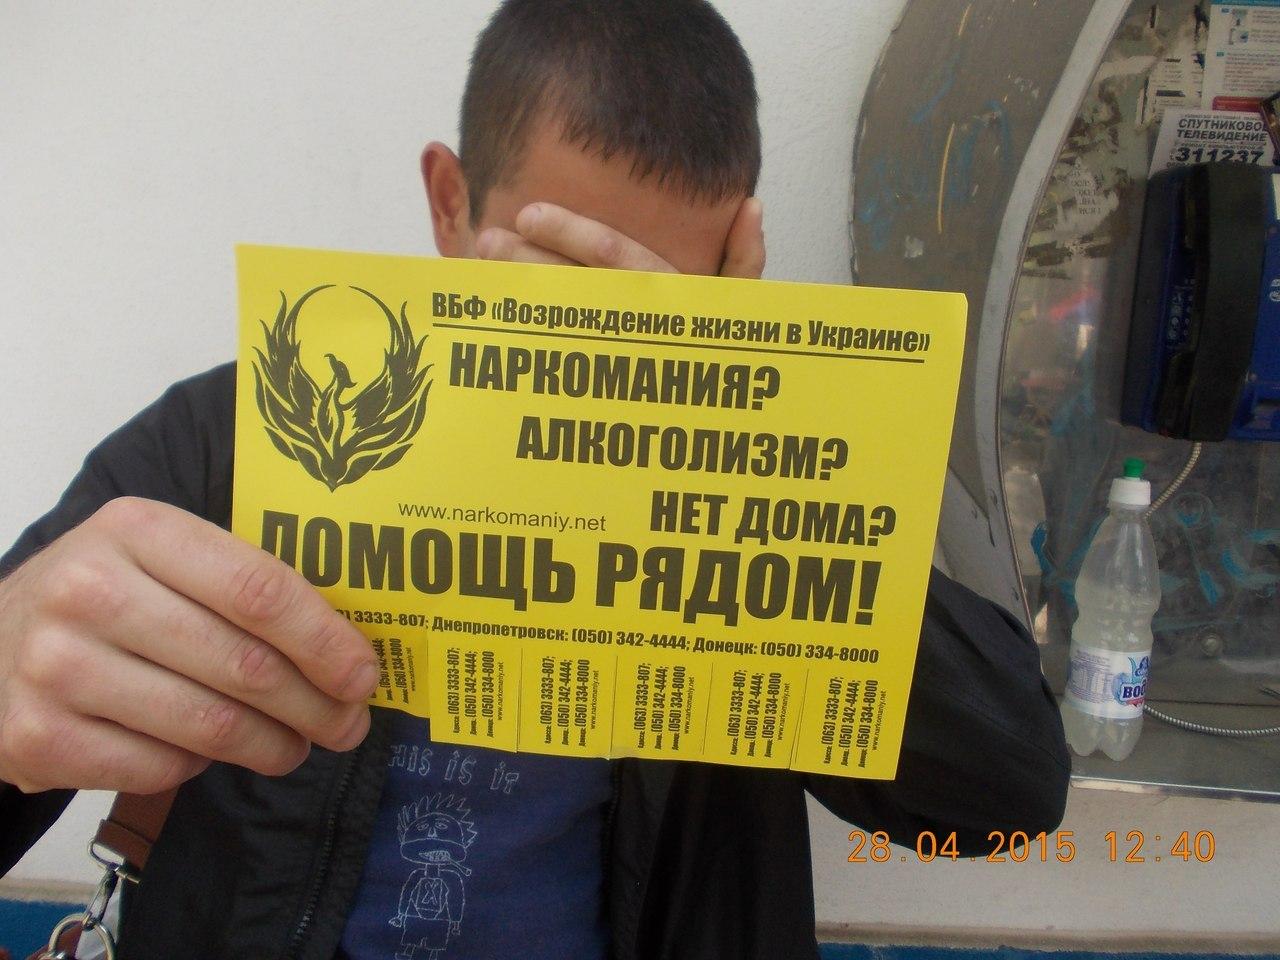 Бесплатная помощь наркоманам в украине диагностикой хронического алкоголизма